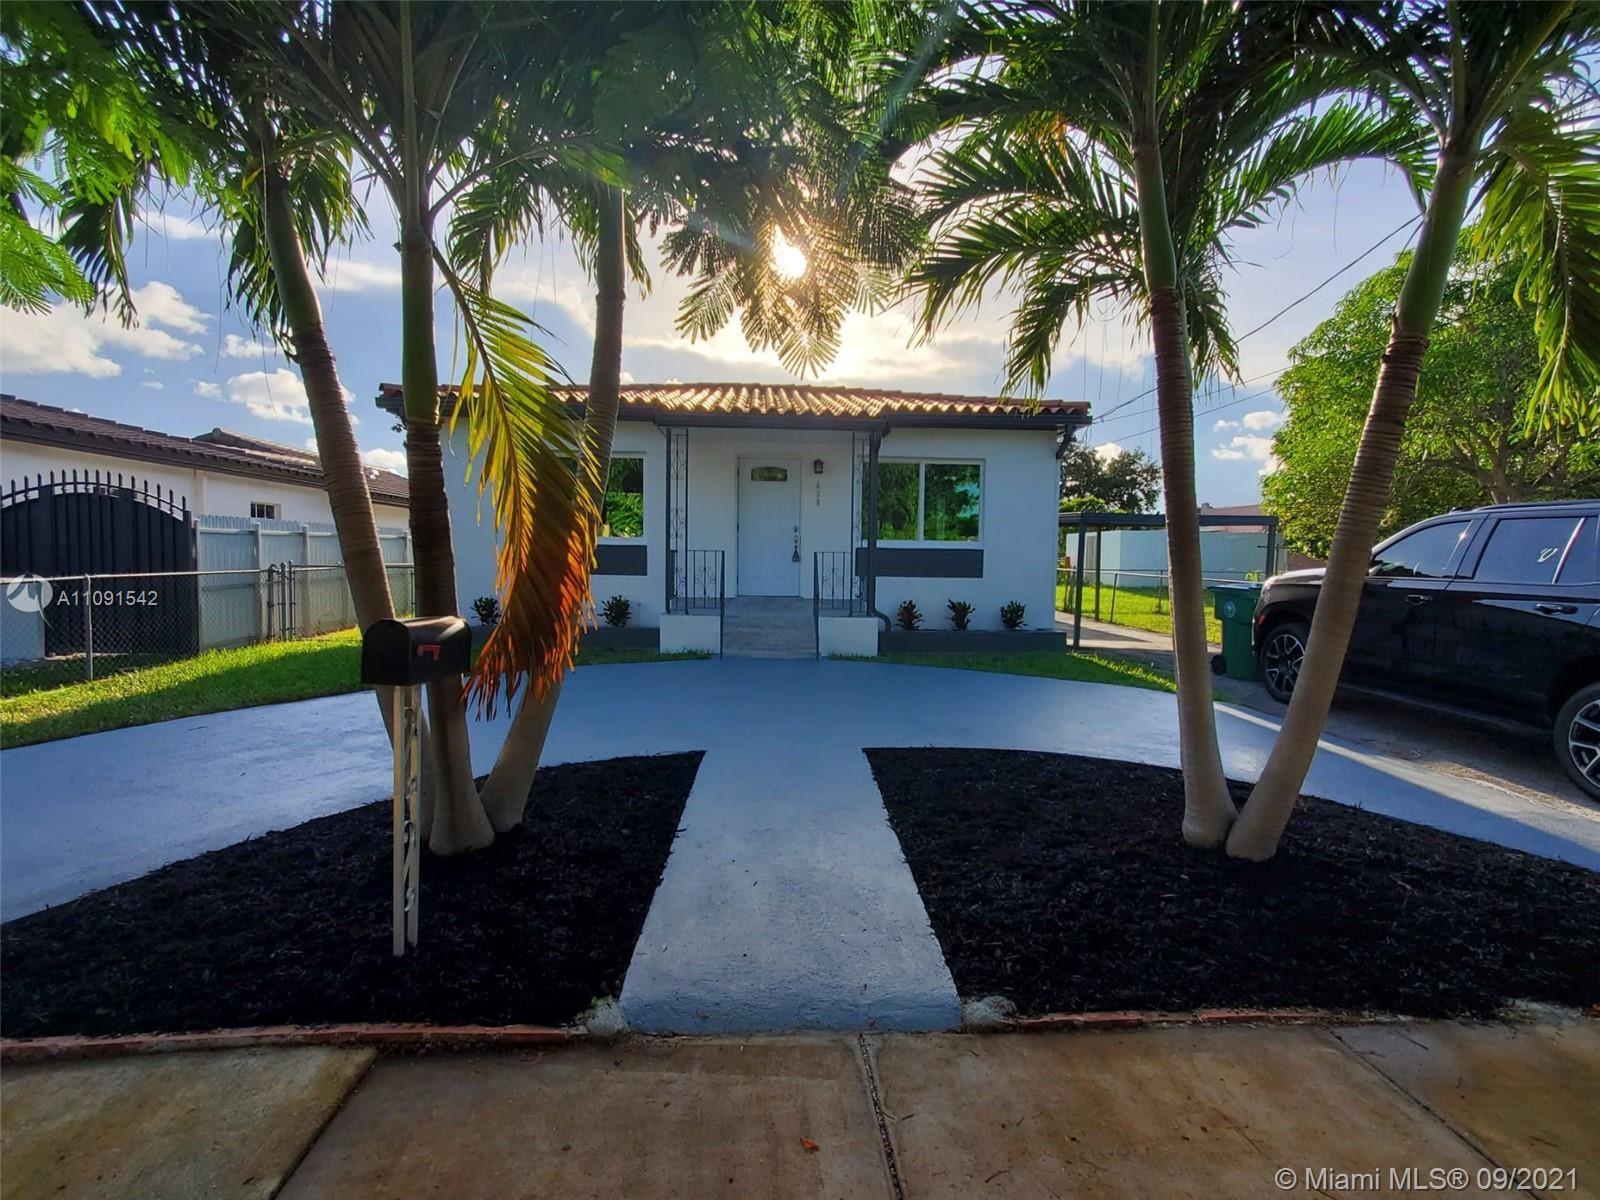 630 SW 64th Ct, Miami, FL 33144 - #: A11091542